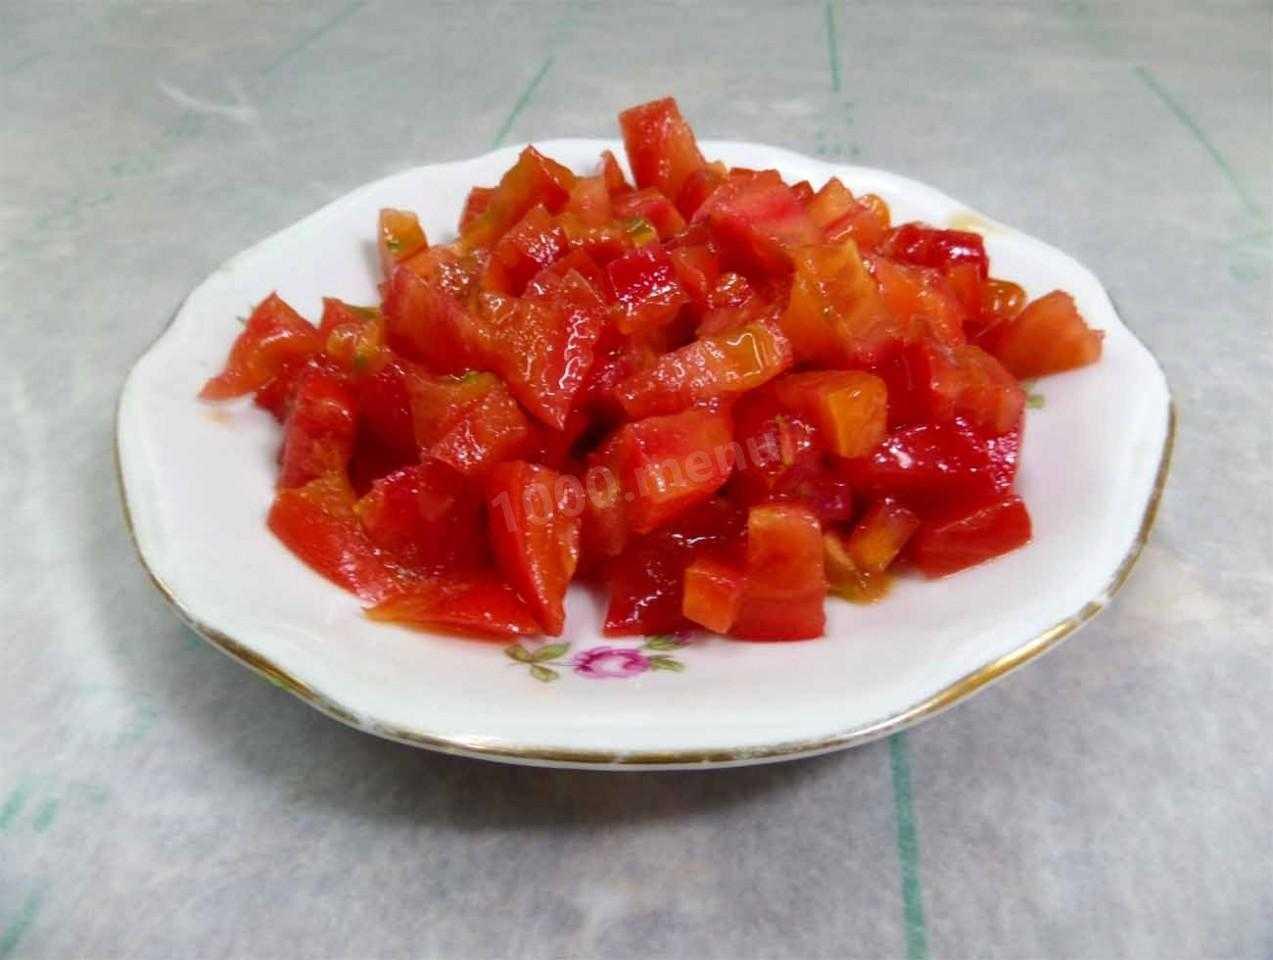 Салат арбузная долька с курицей рецепт с фото пошагово - 1000.menu